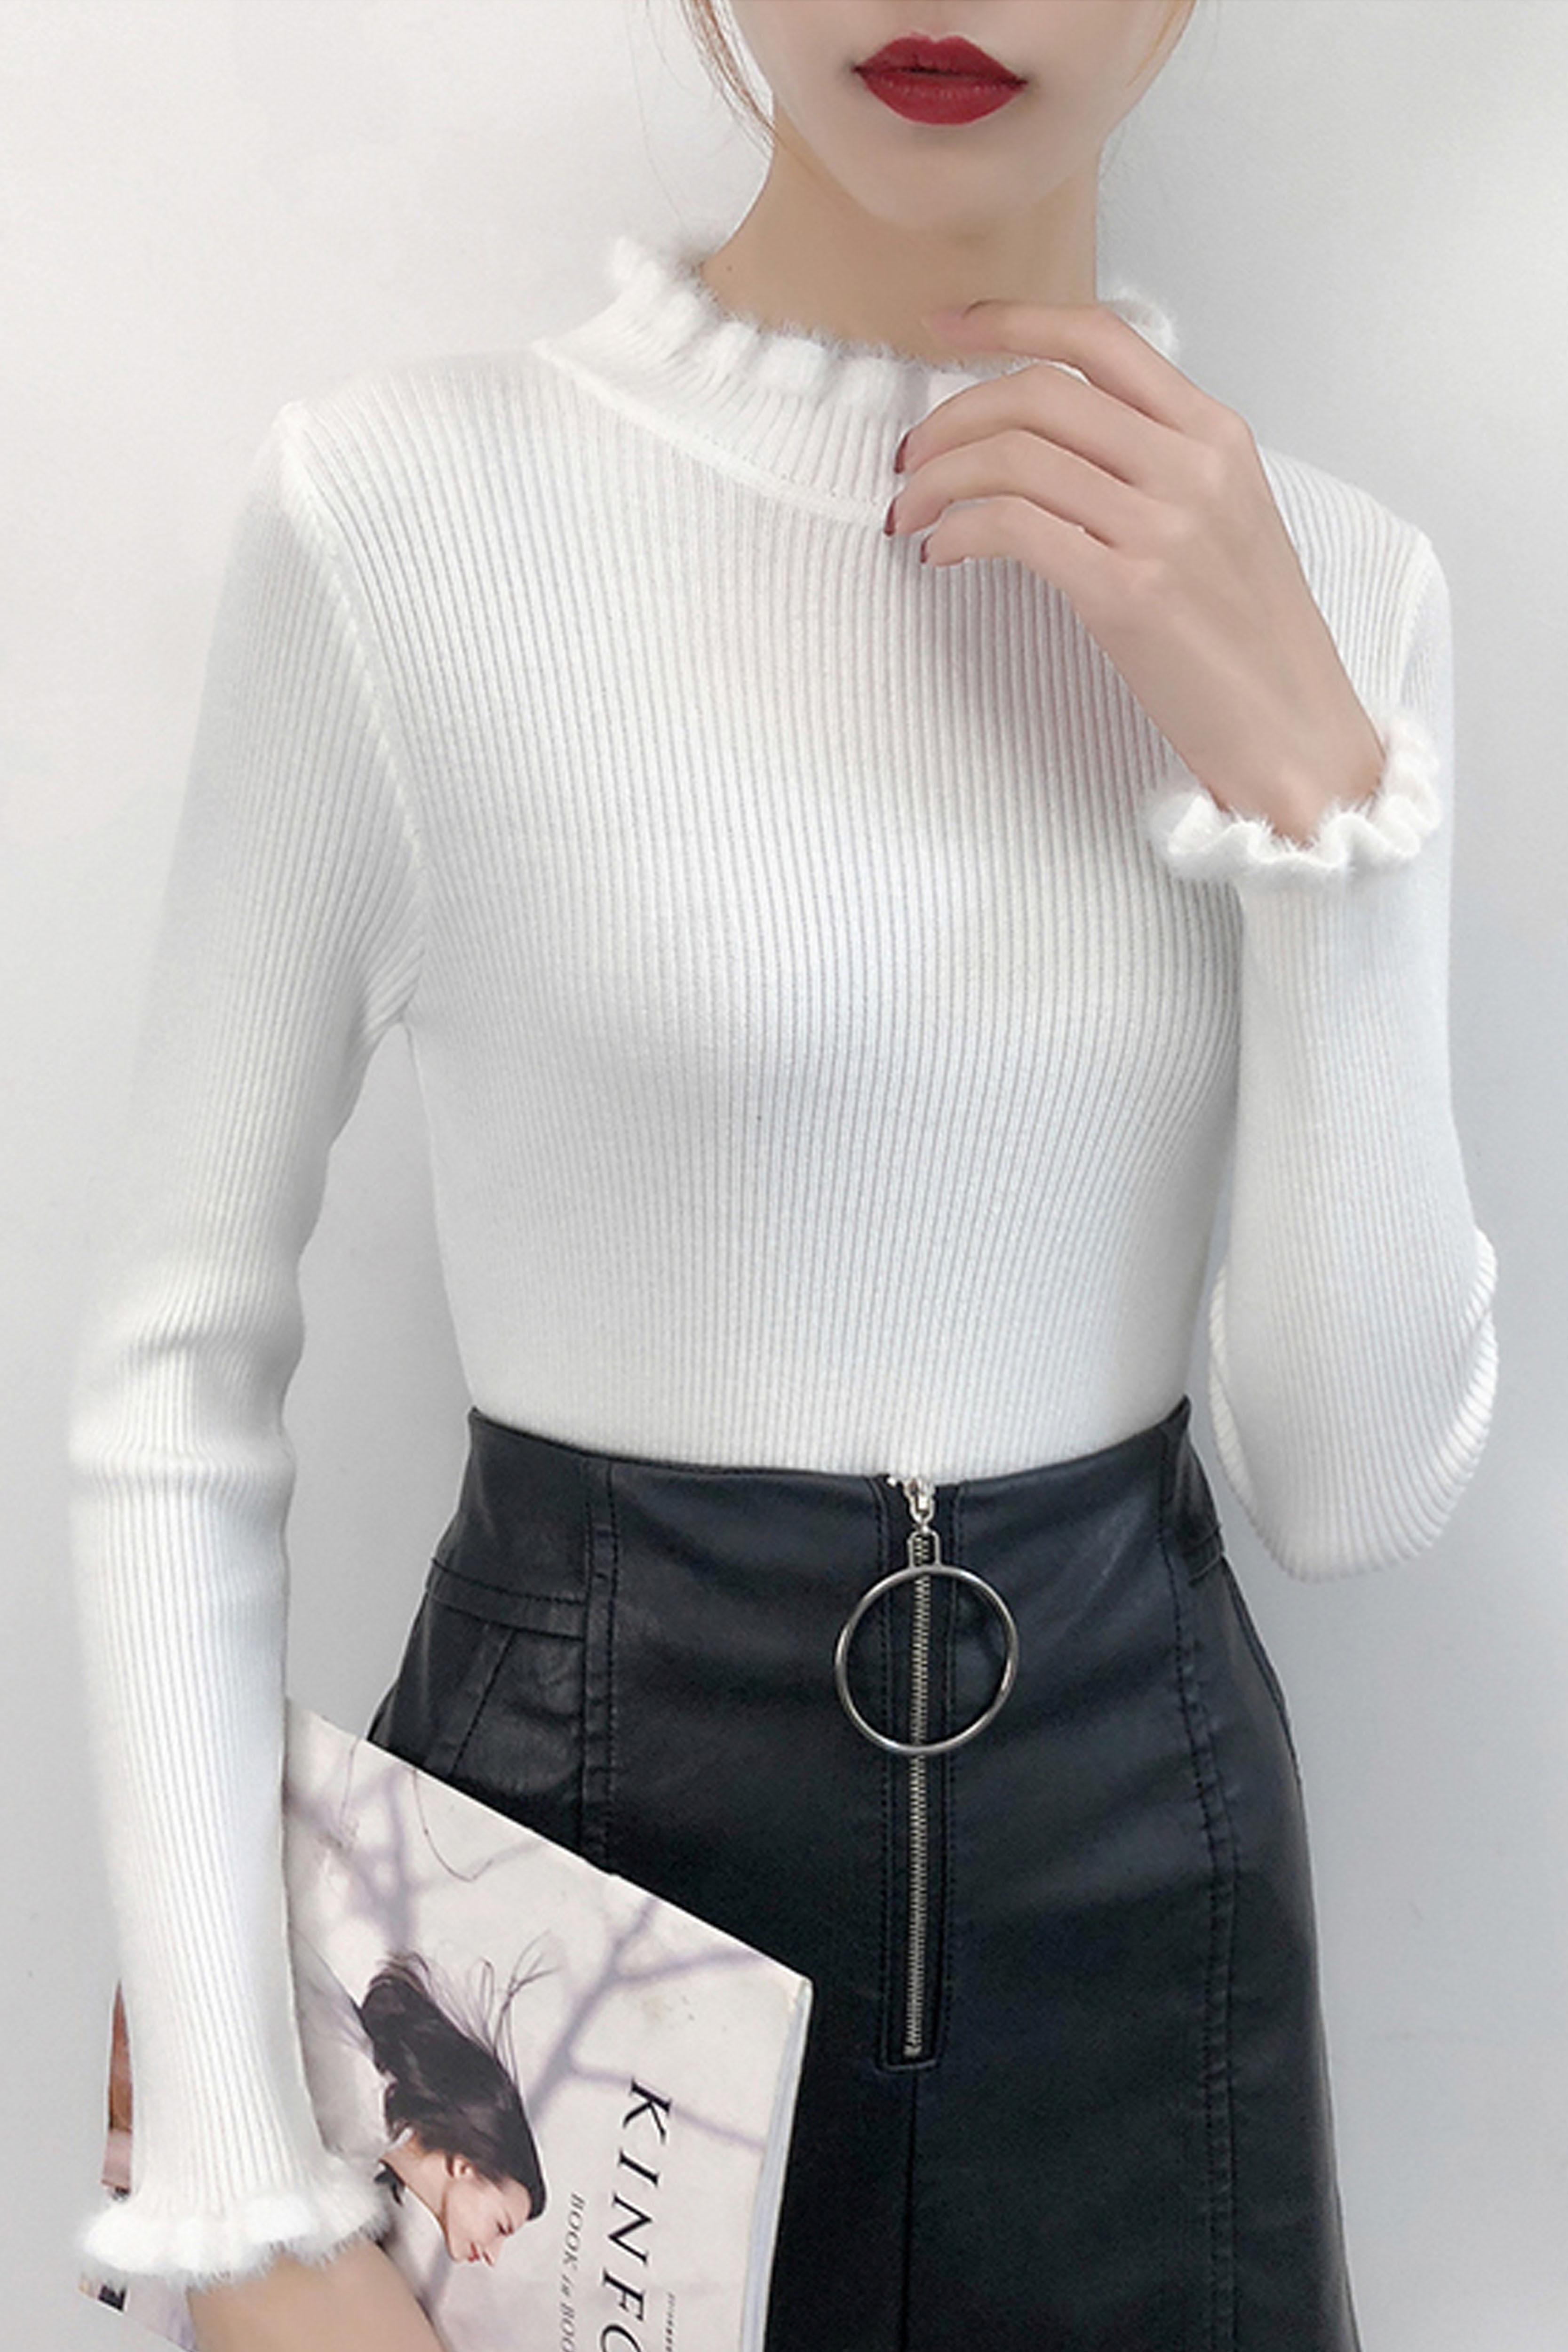 袖口貂绒长袖毛衣女2019秋冬新款女装韩版修身显瘦针织衫上衣